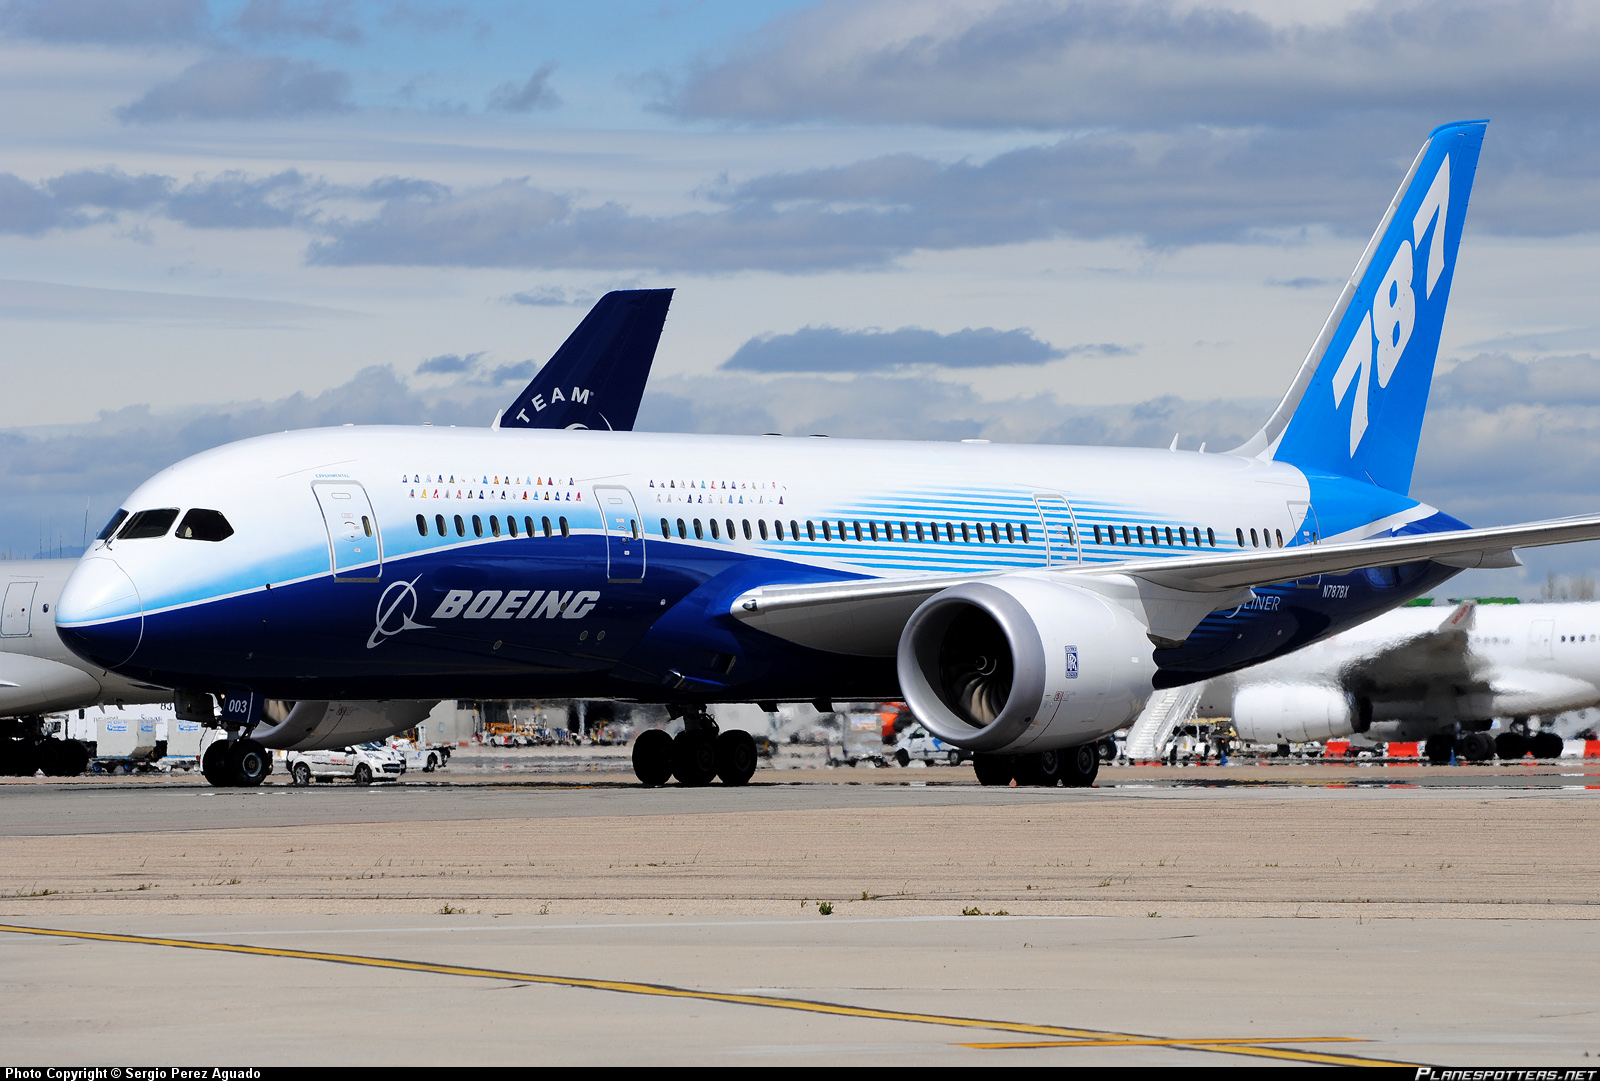 Aerei Da Caccia Ultima Generazione : Cnn gli aerei di linea soprattutto quelli ultima